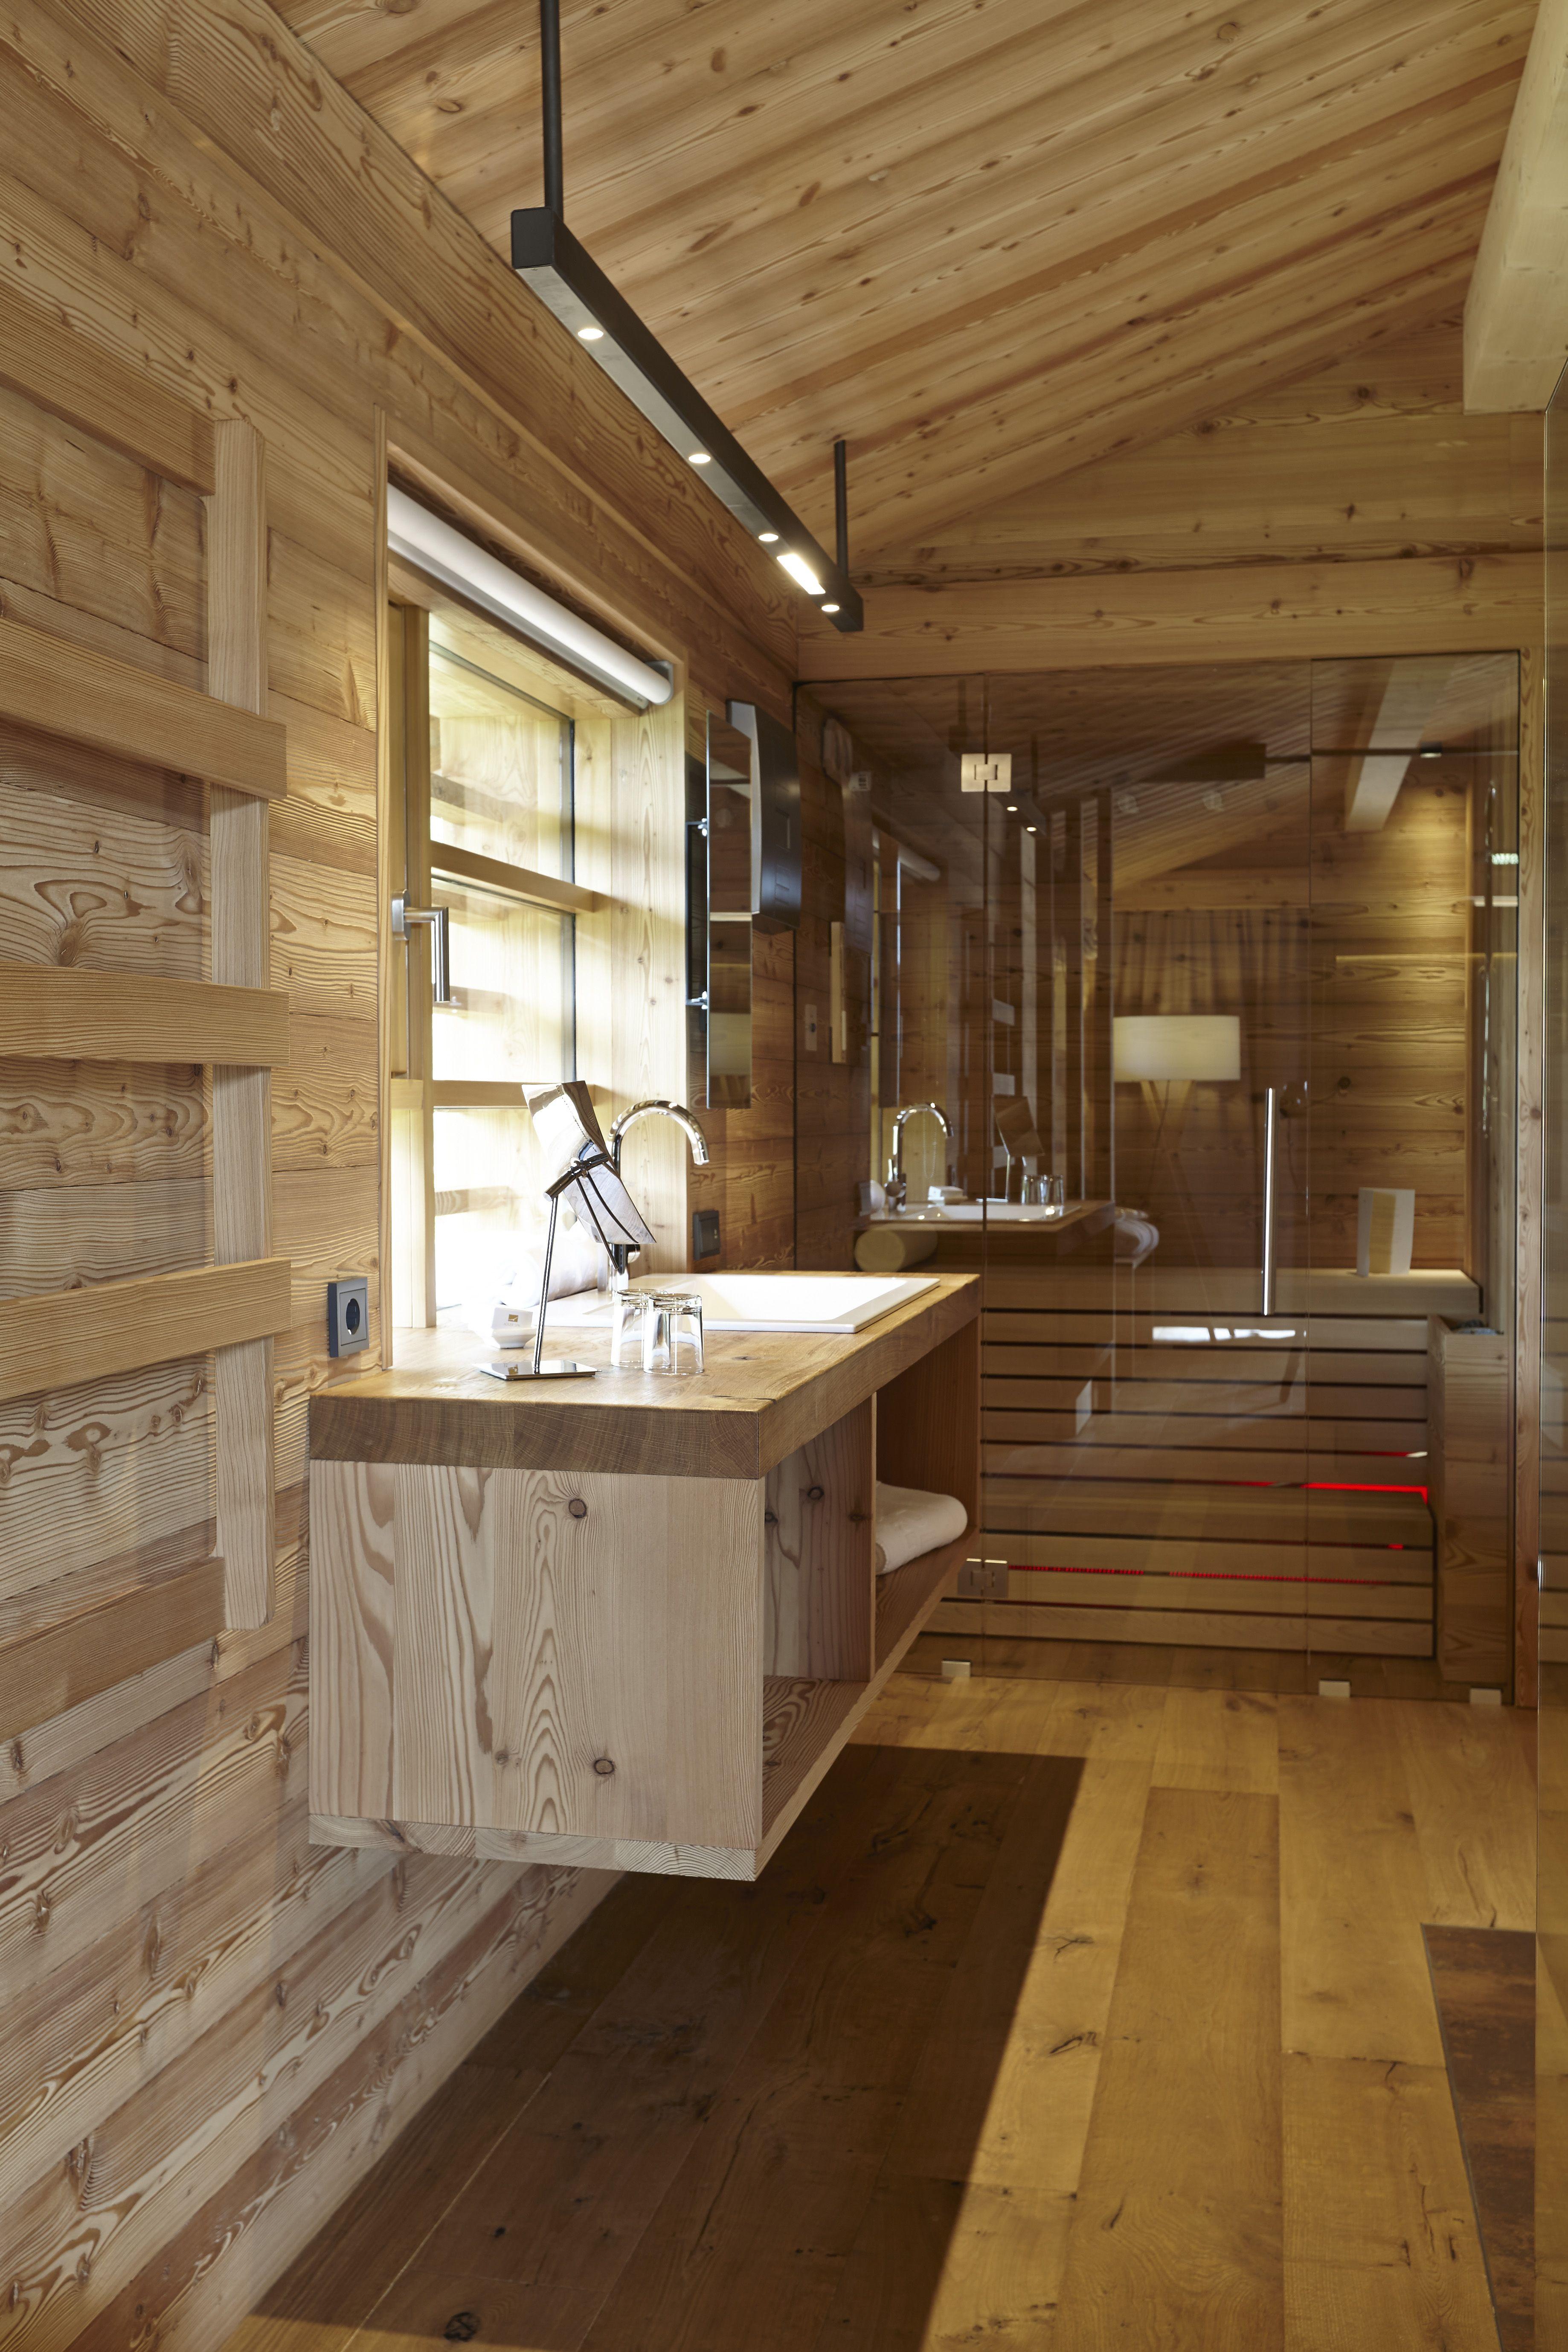 Herrliches Badezimmer In Holz Im Hotel Adler Montain Lodge Auf Der Seiser  Alm